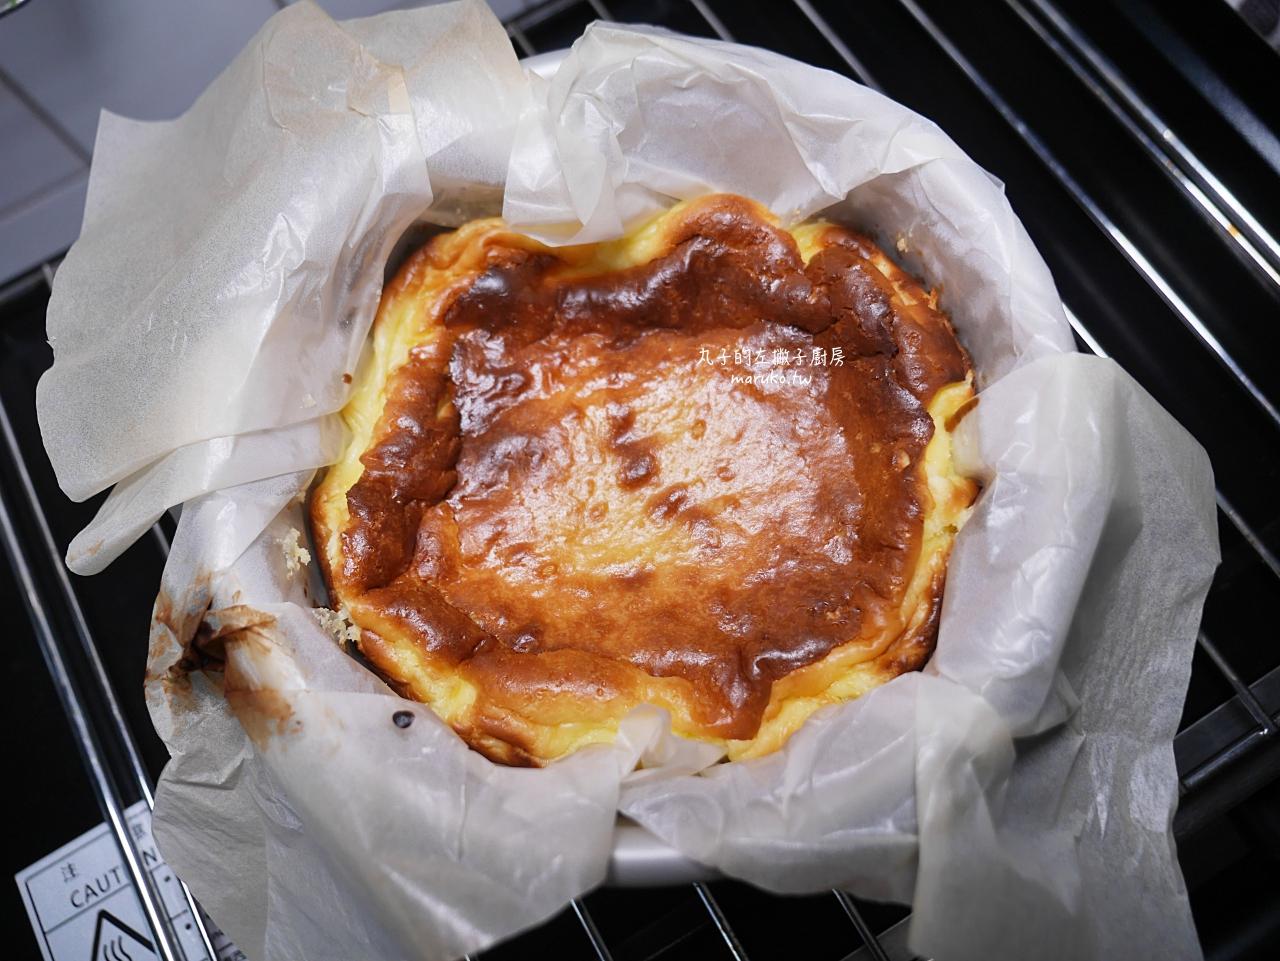 【食譜】巴斯克起司蛋糕/初學者一次就上手的烤起司蛋糕做法 @Maruko與美食有個約會